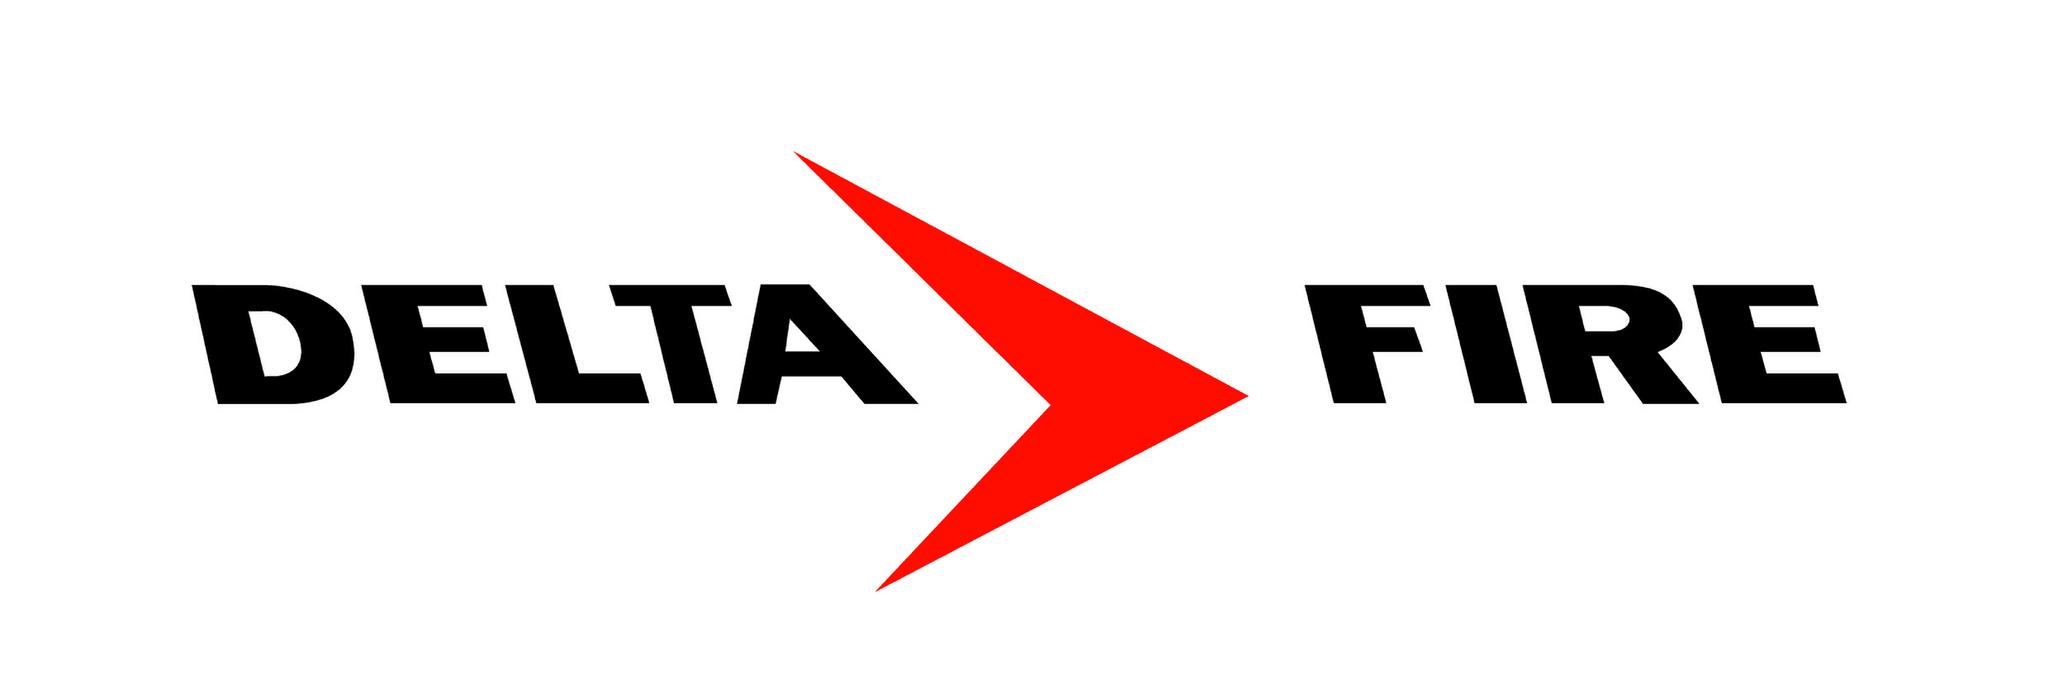 Delta Fire Ltd